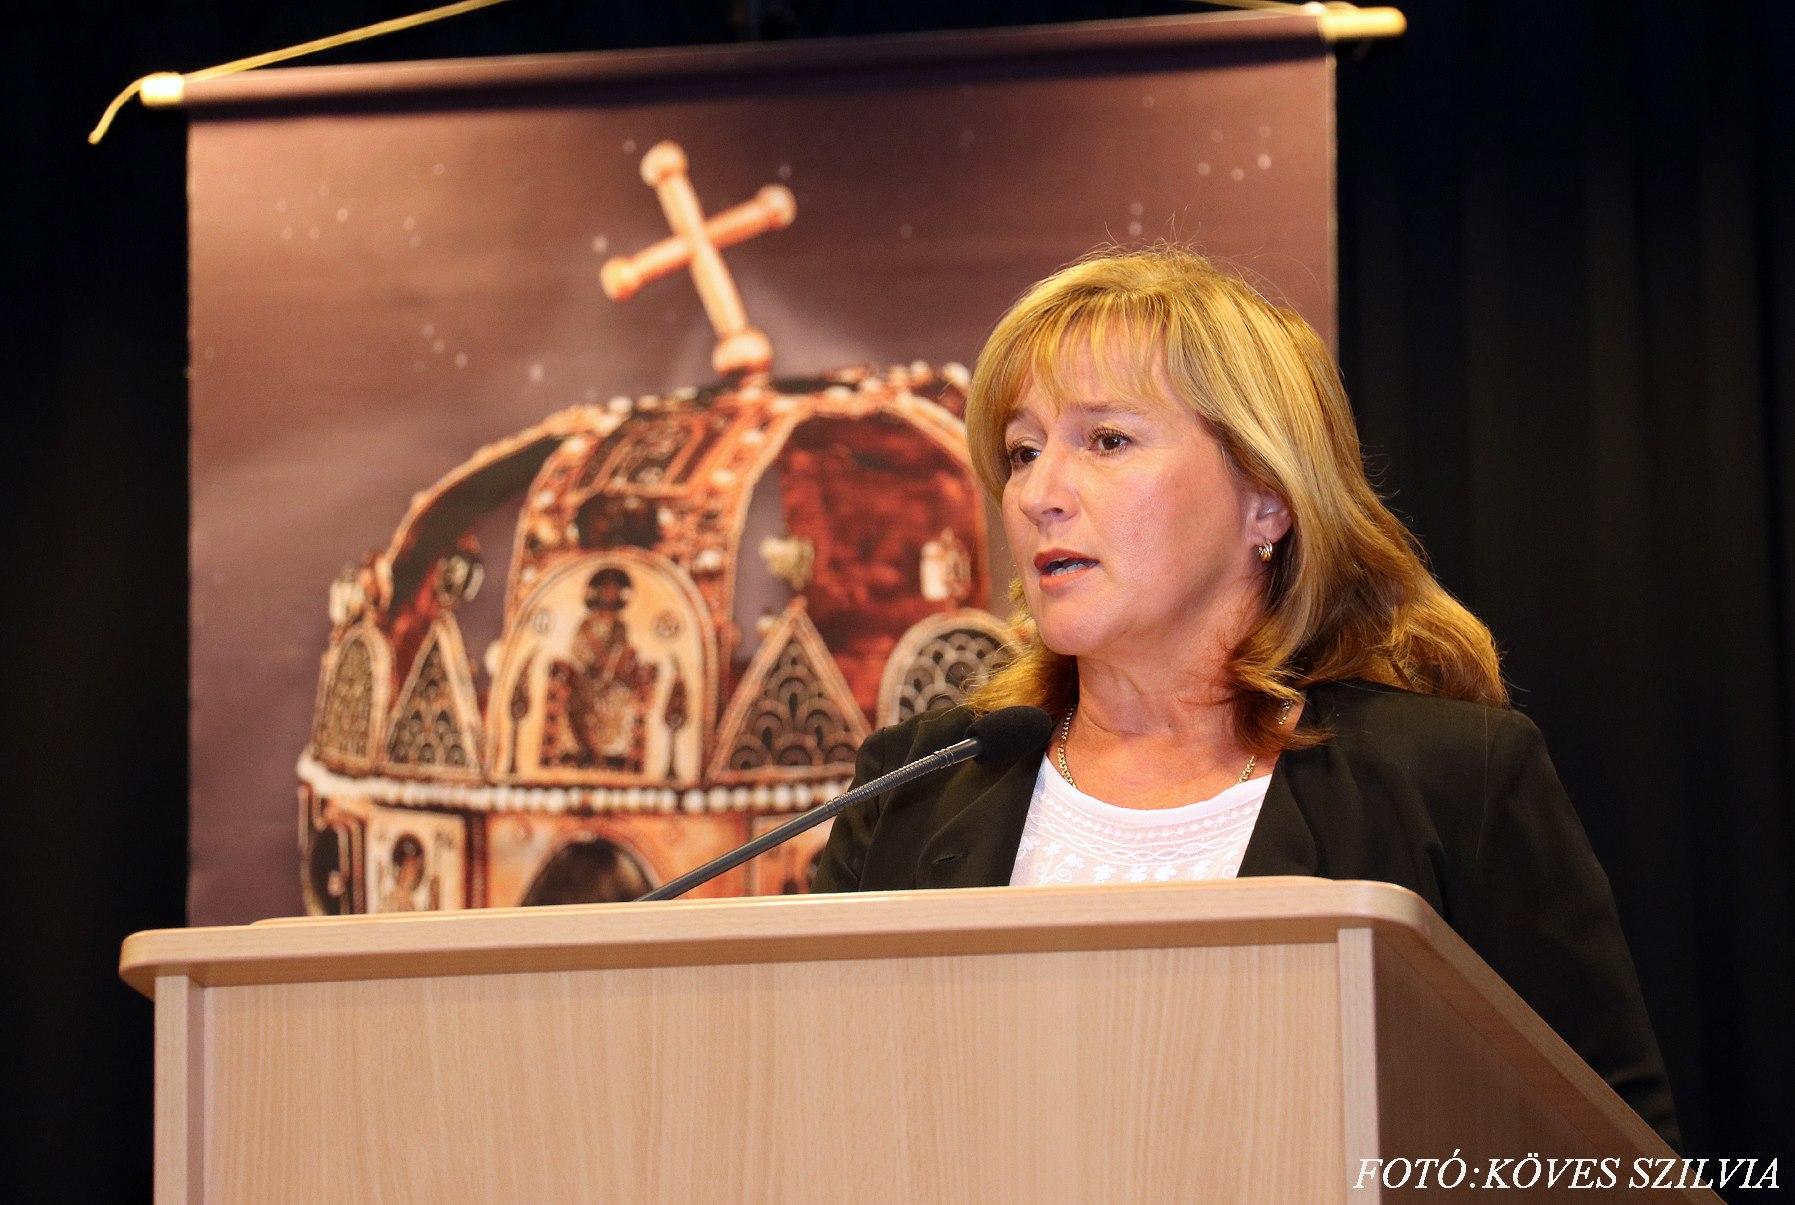 Kiszelné Mohos Katalin polgármester asszony beszéde 2018. augusztus 20.